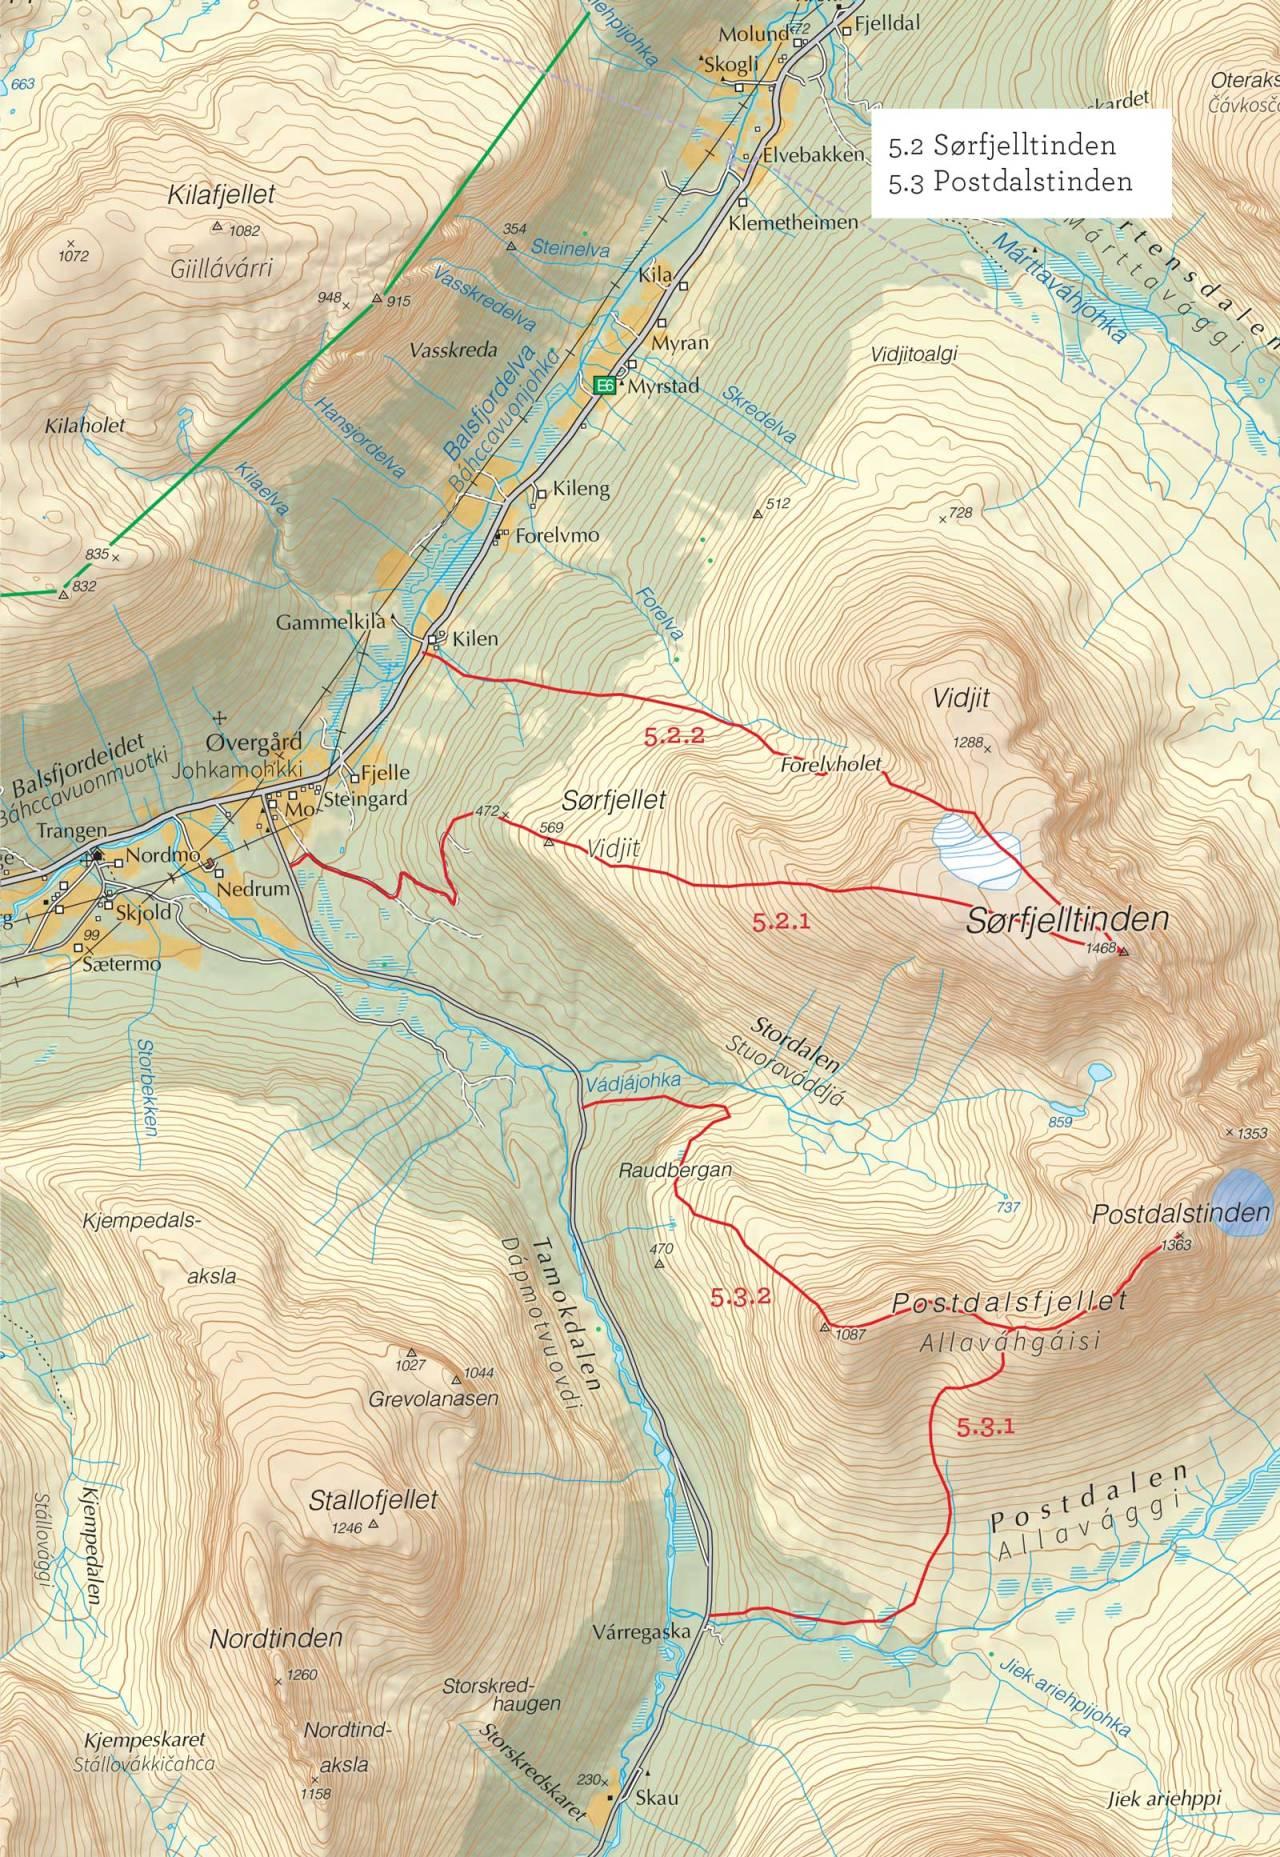 Oversiktskart over Sørfjelltinden med inntegnet rute. Fra Toppturer i Troms.